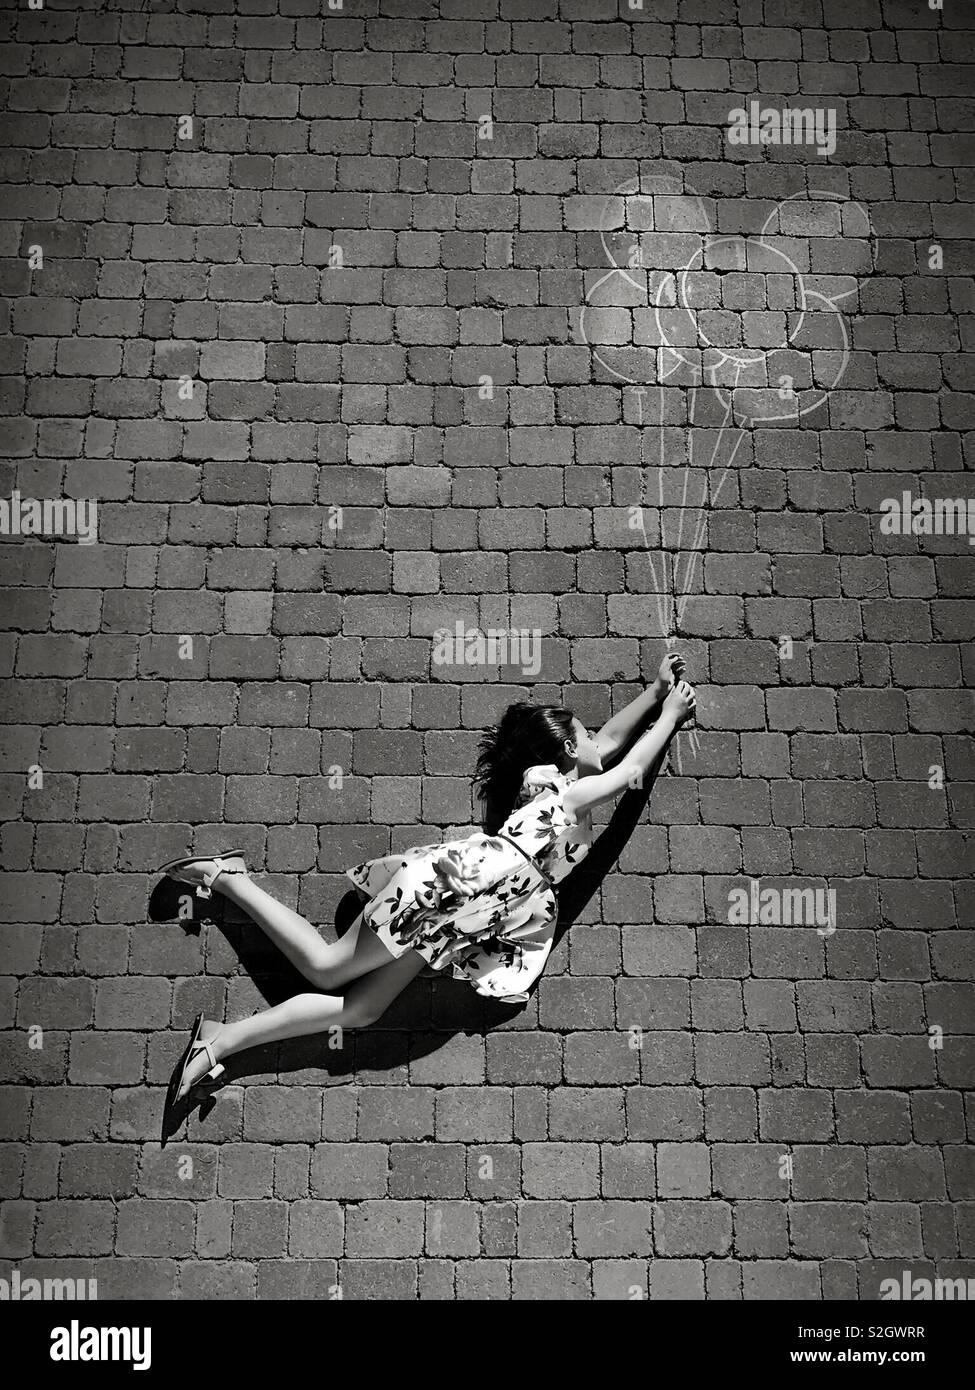 Volando alto hacia arriba y lejos Imagen De Stock